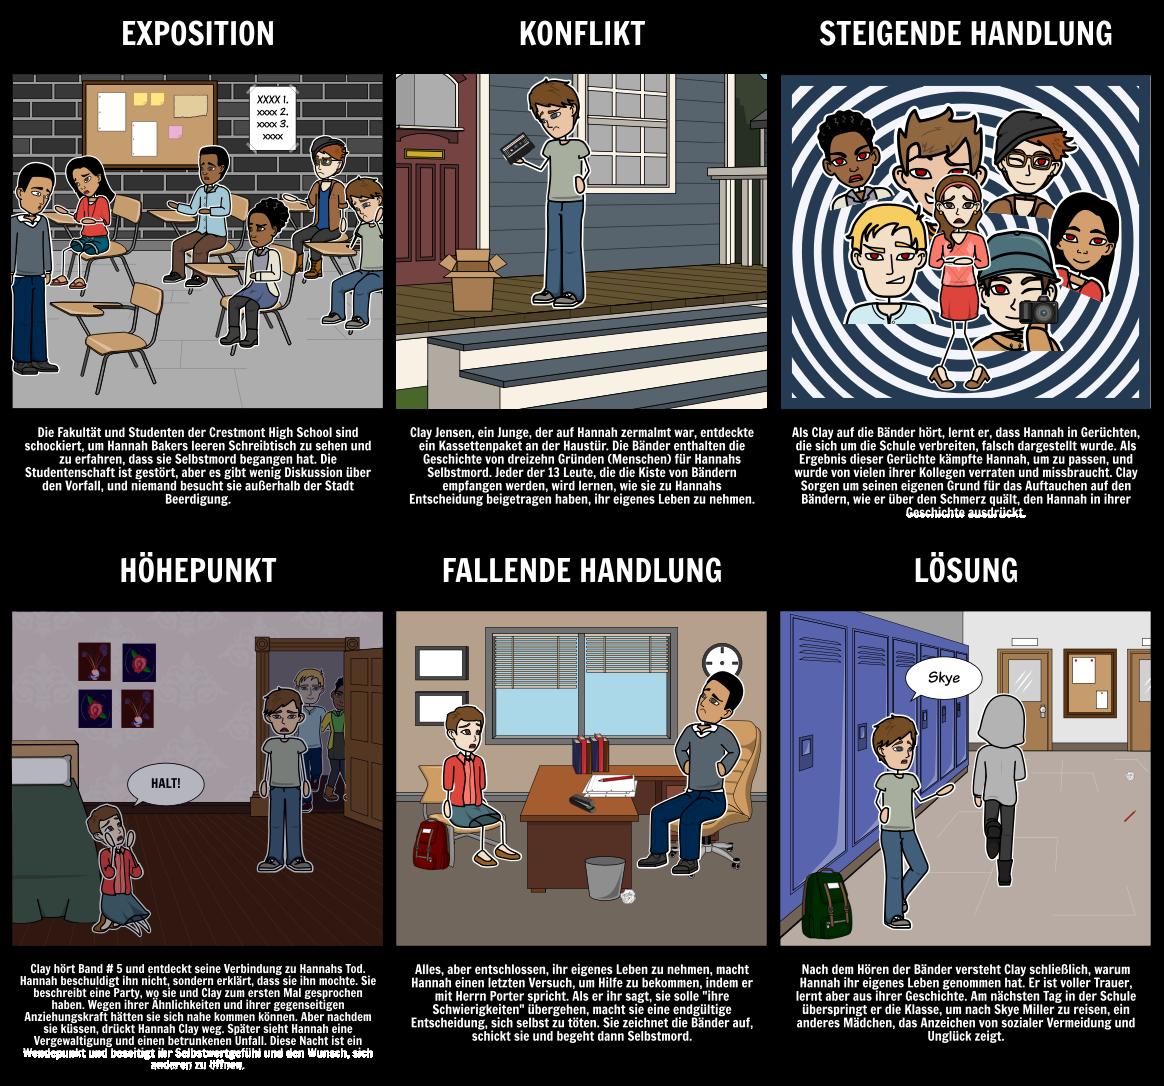 Dreizehn Gründe, Warum Zusammenfassung & Aktivitäten | 13 Gründe ...